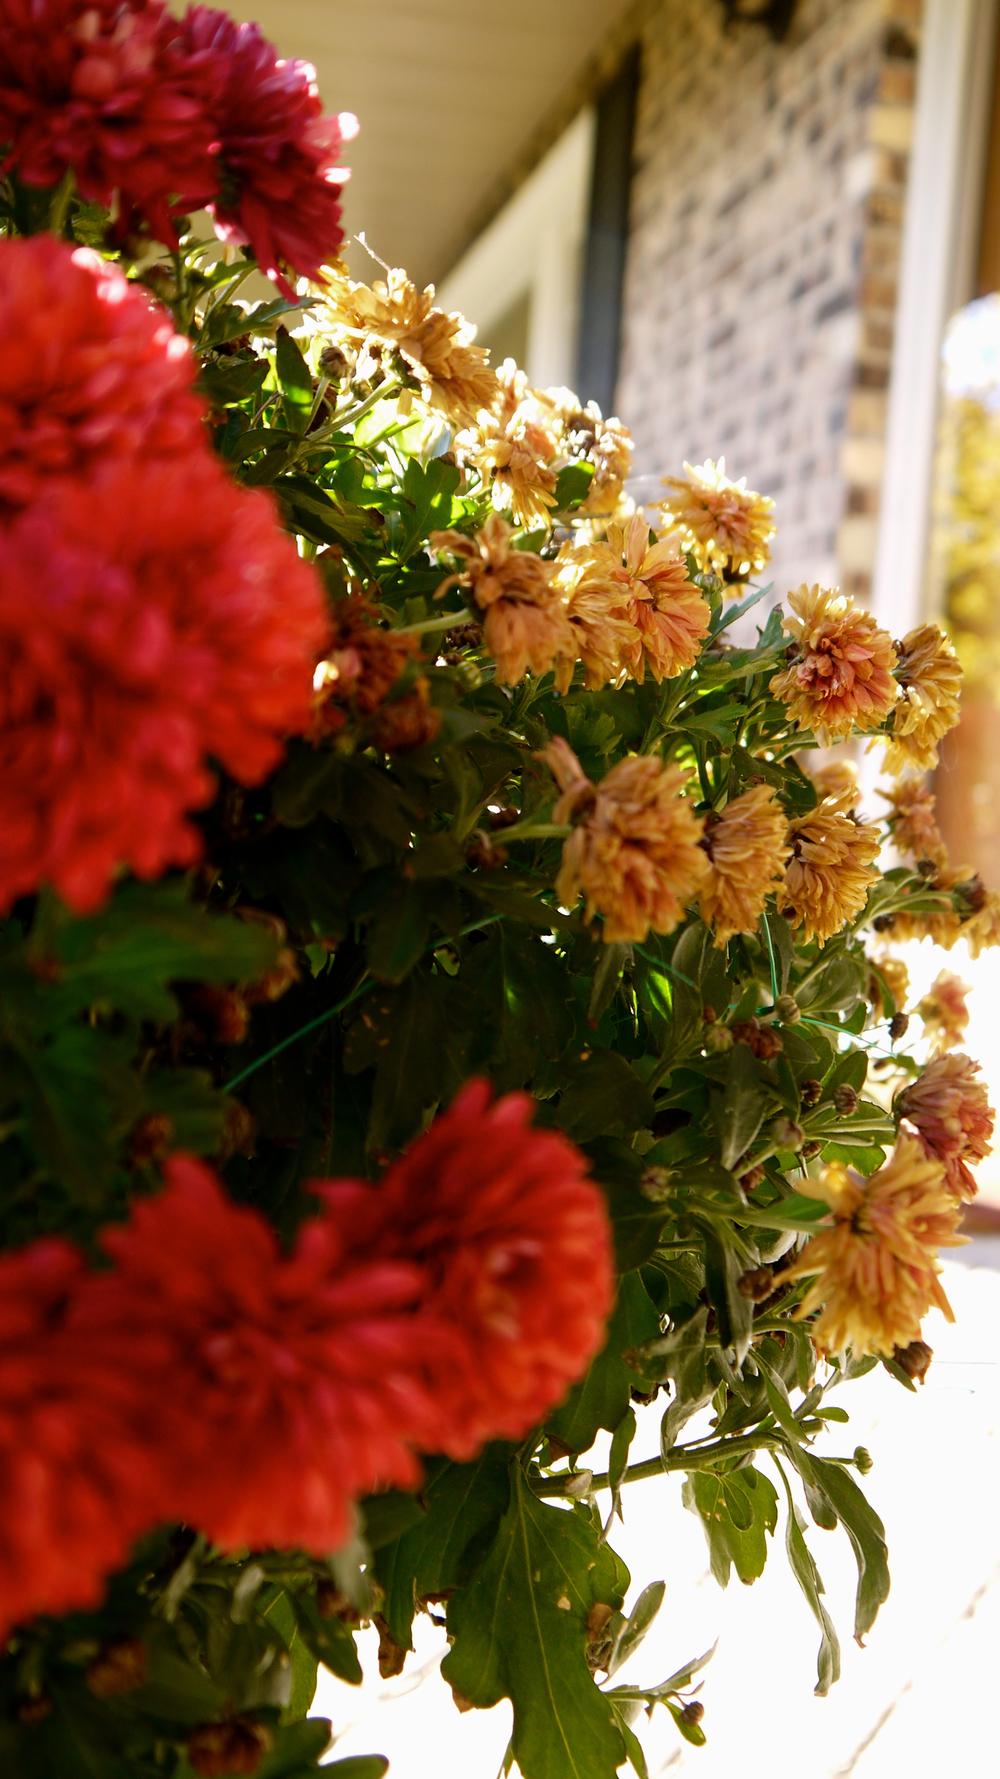 p1000458-flowers.jpg